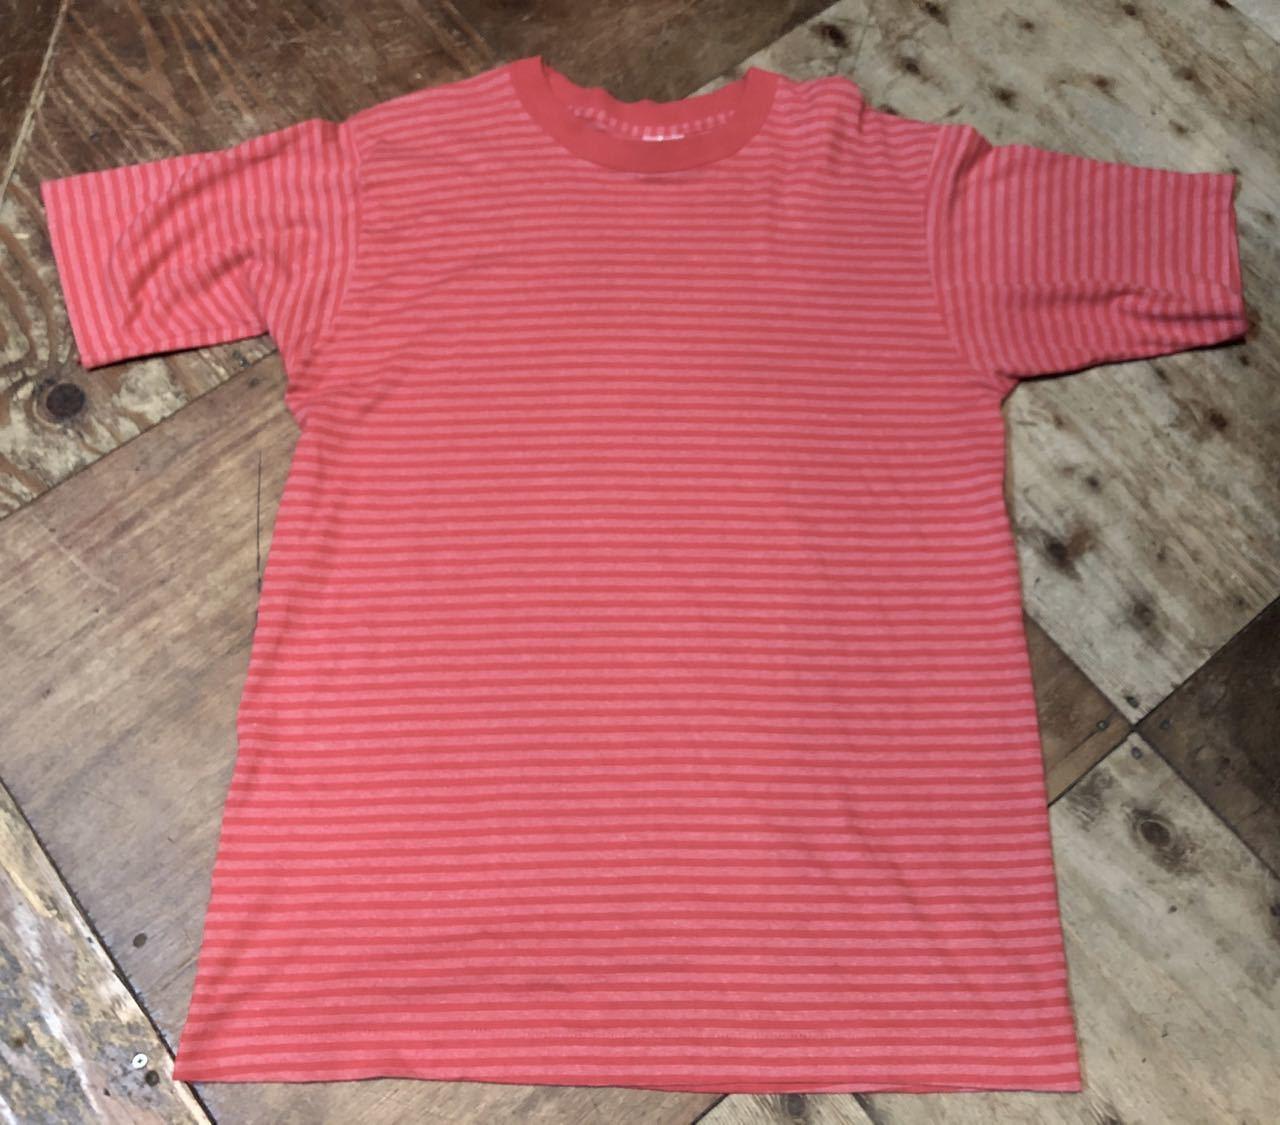 90s〜MADE IN U.S.A B.V.D ボーダーTシャツ!_c0144020_13030150.jpg